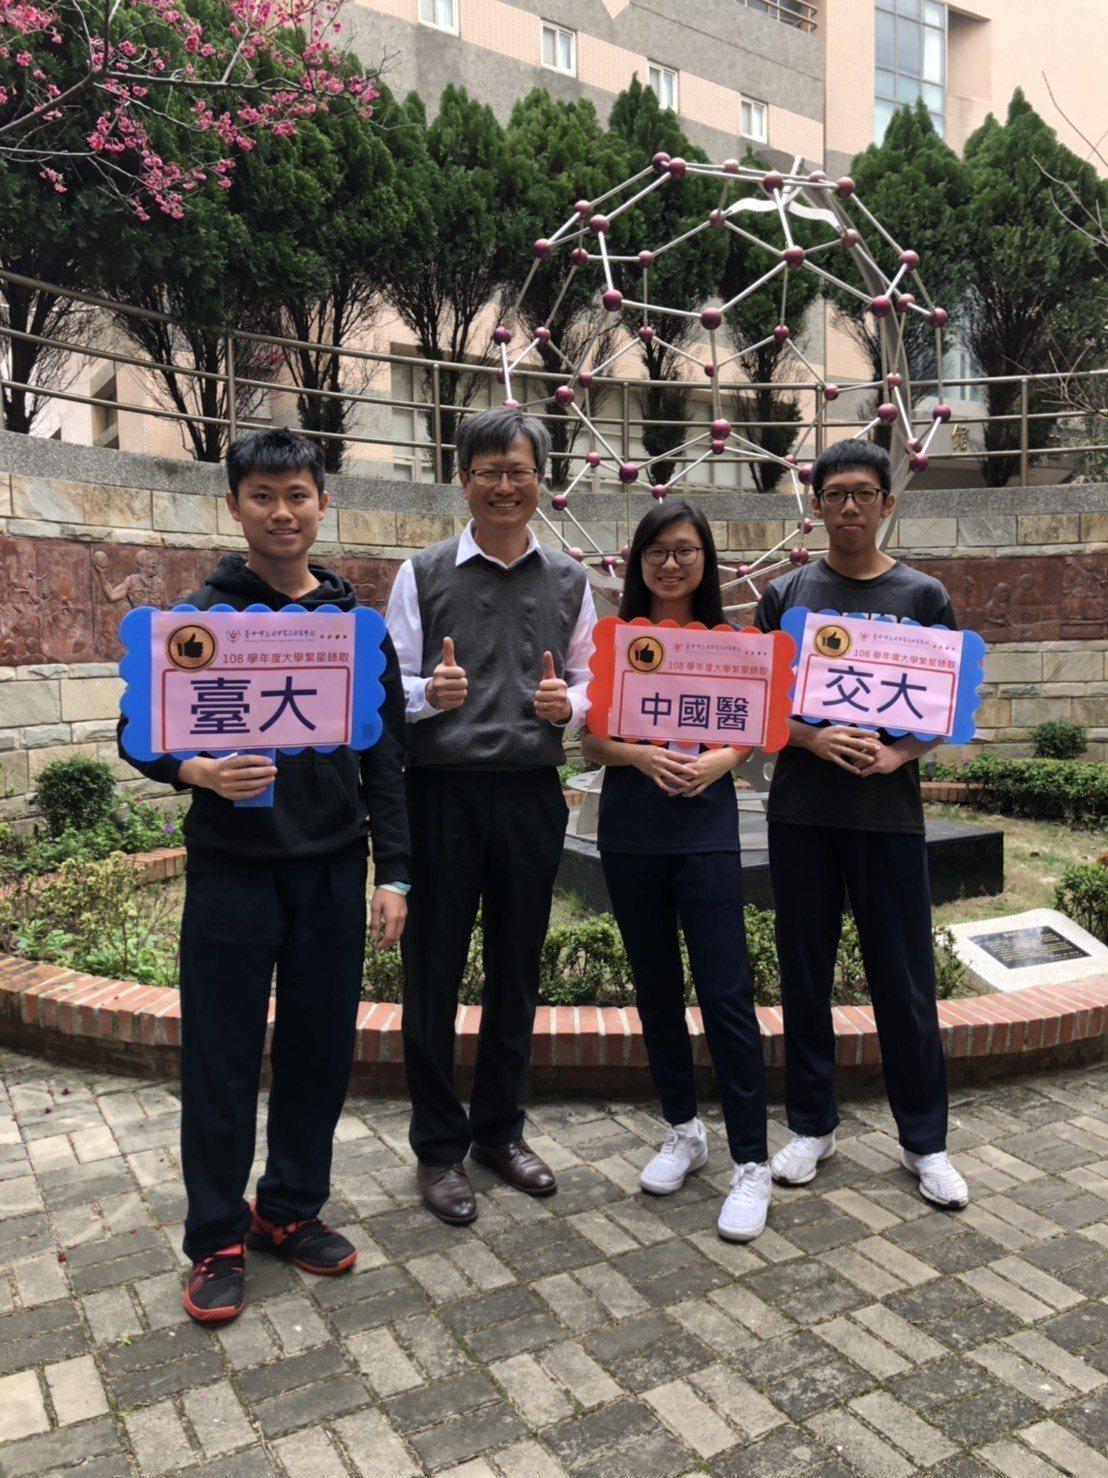 大學學測繁星今天放榜,大甲高中校長蕭建華和上榜學生合影。圖/大甲高中提供